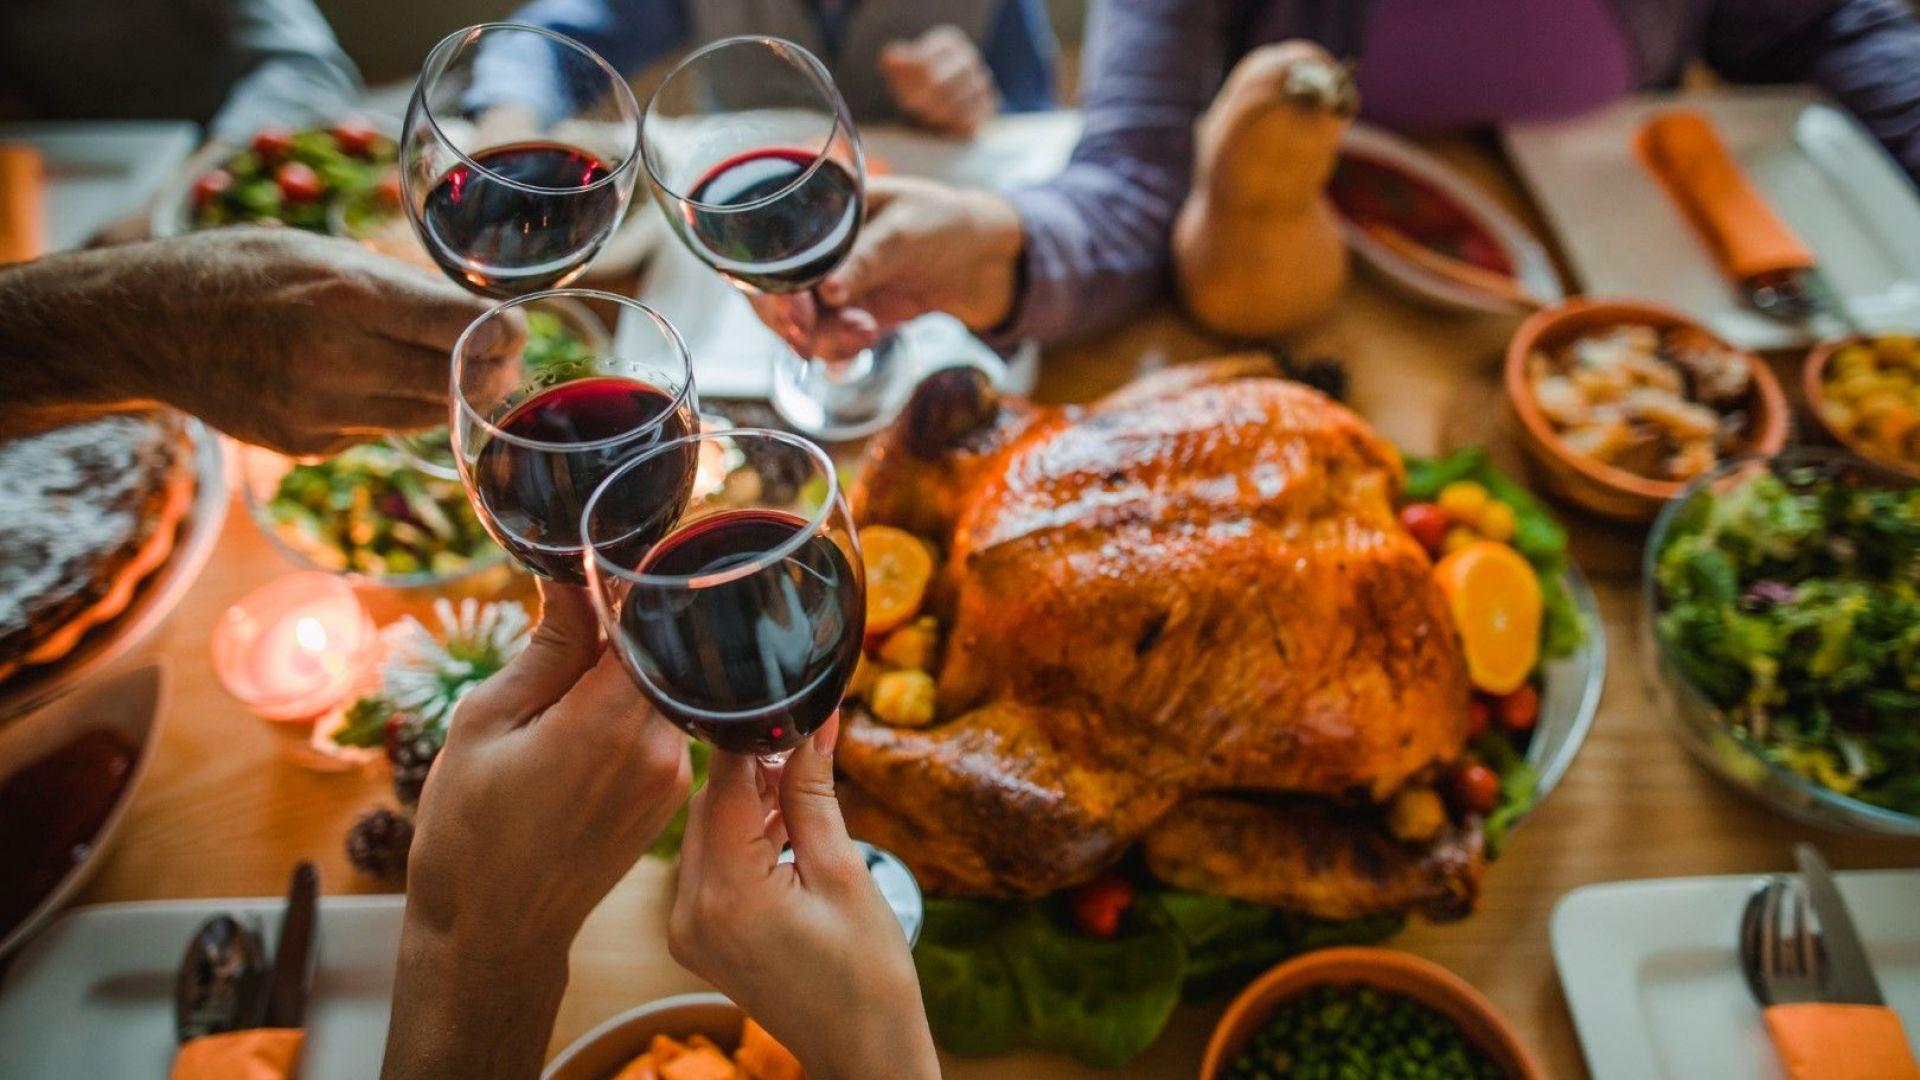 Коледни и новогодишни харчове на Балканите: всичко се върти около трапезата